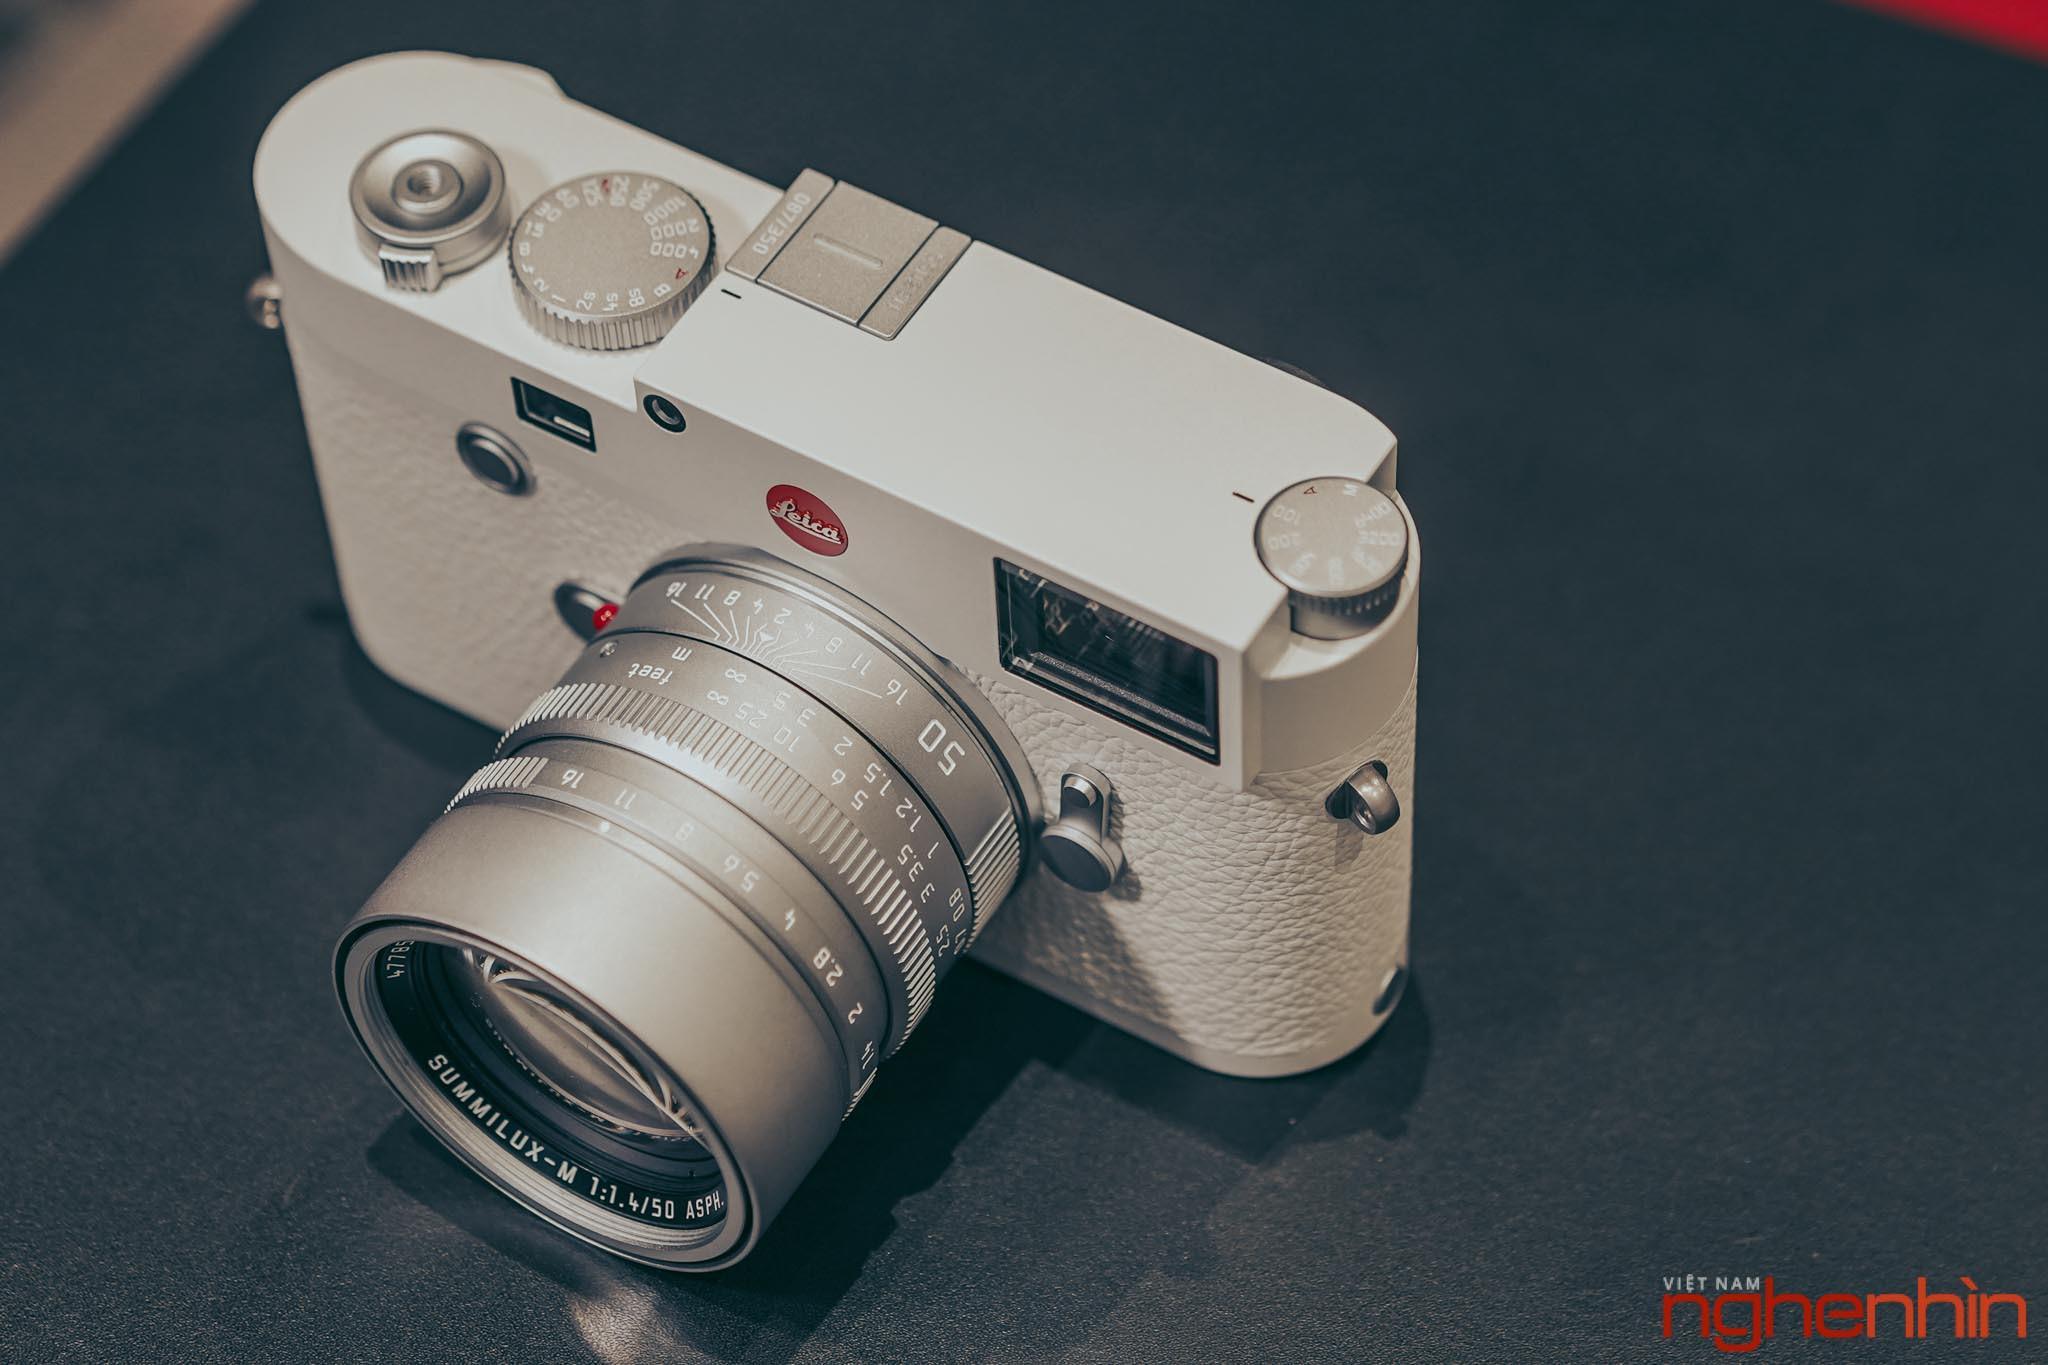 Trên tay Leica M10-P 'White' Edition tại Việt Nam: giá 420 triệu, giới hạn 350 chiếc Ảnh 13